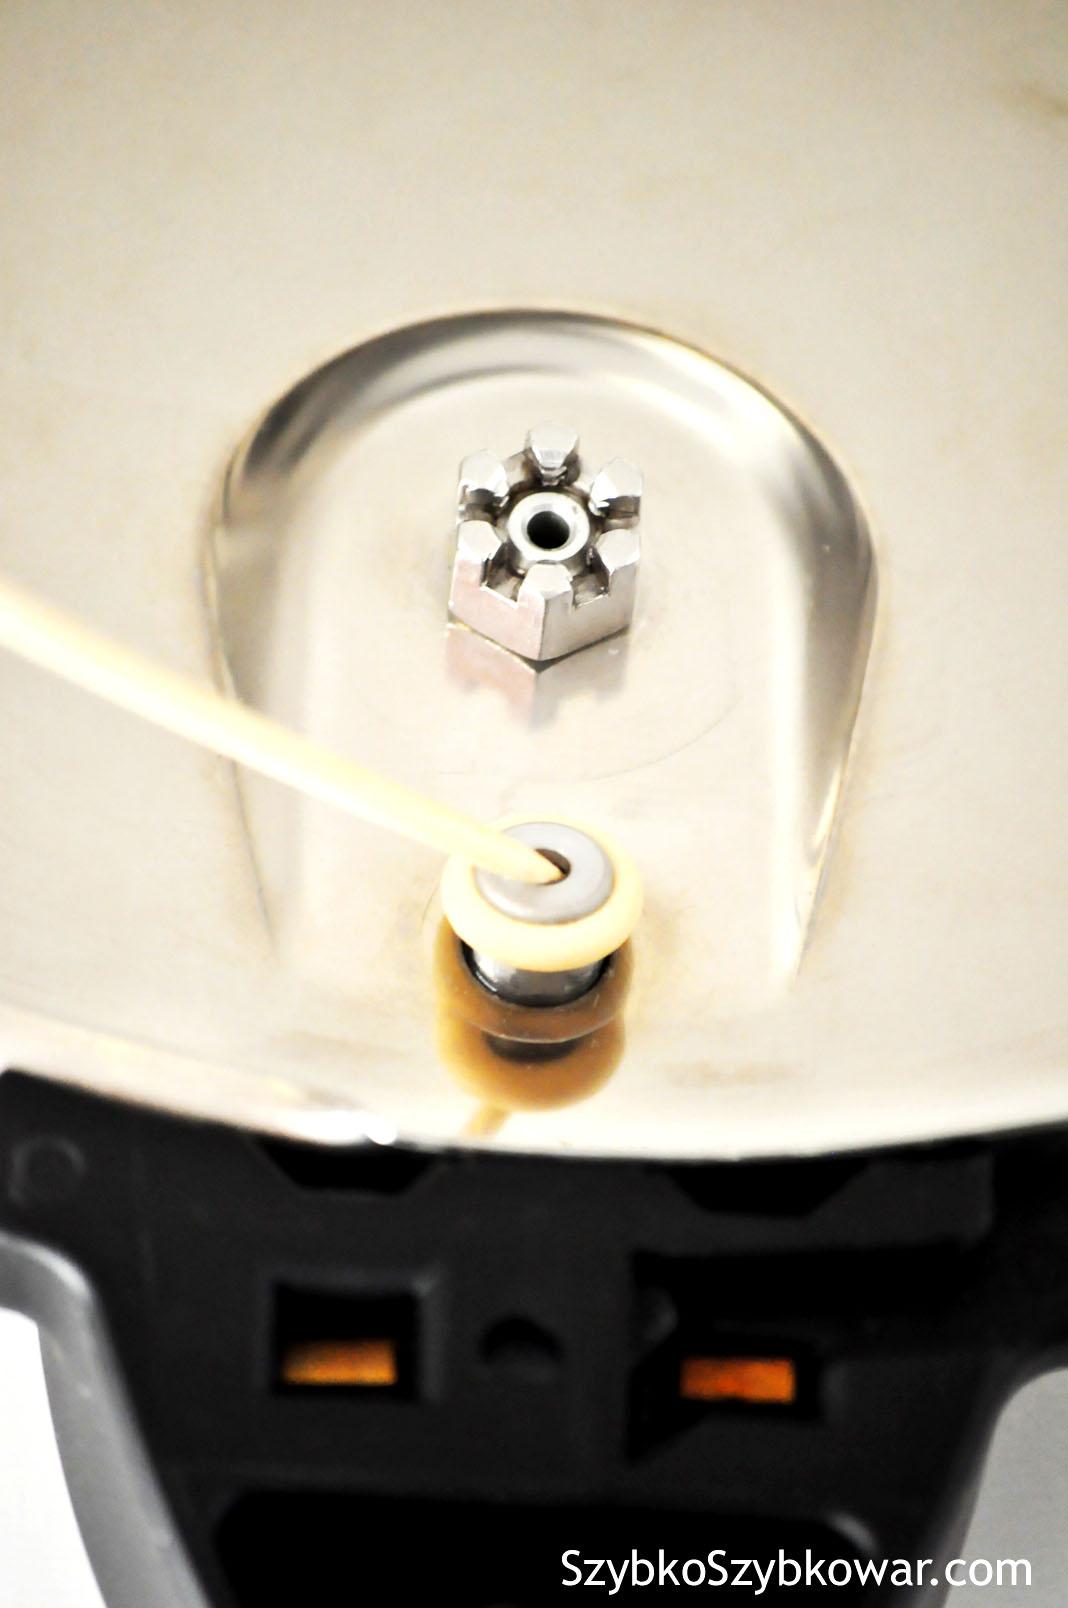 Sprawdzanie wylotu blokady pokrywki. W środku jest metalowa kulka, którą należy nacisnąć.